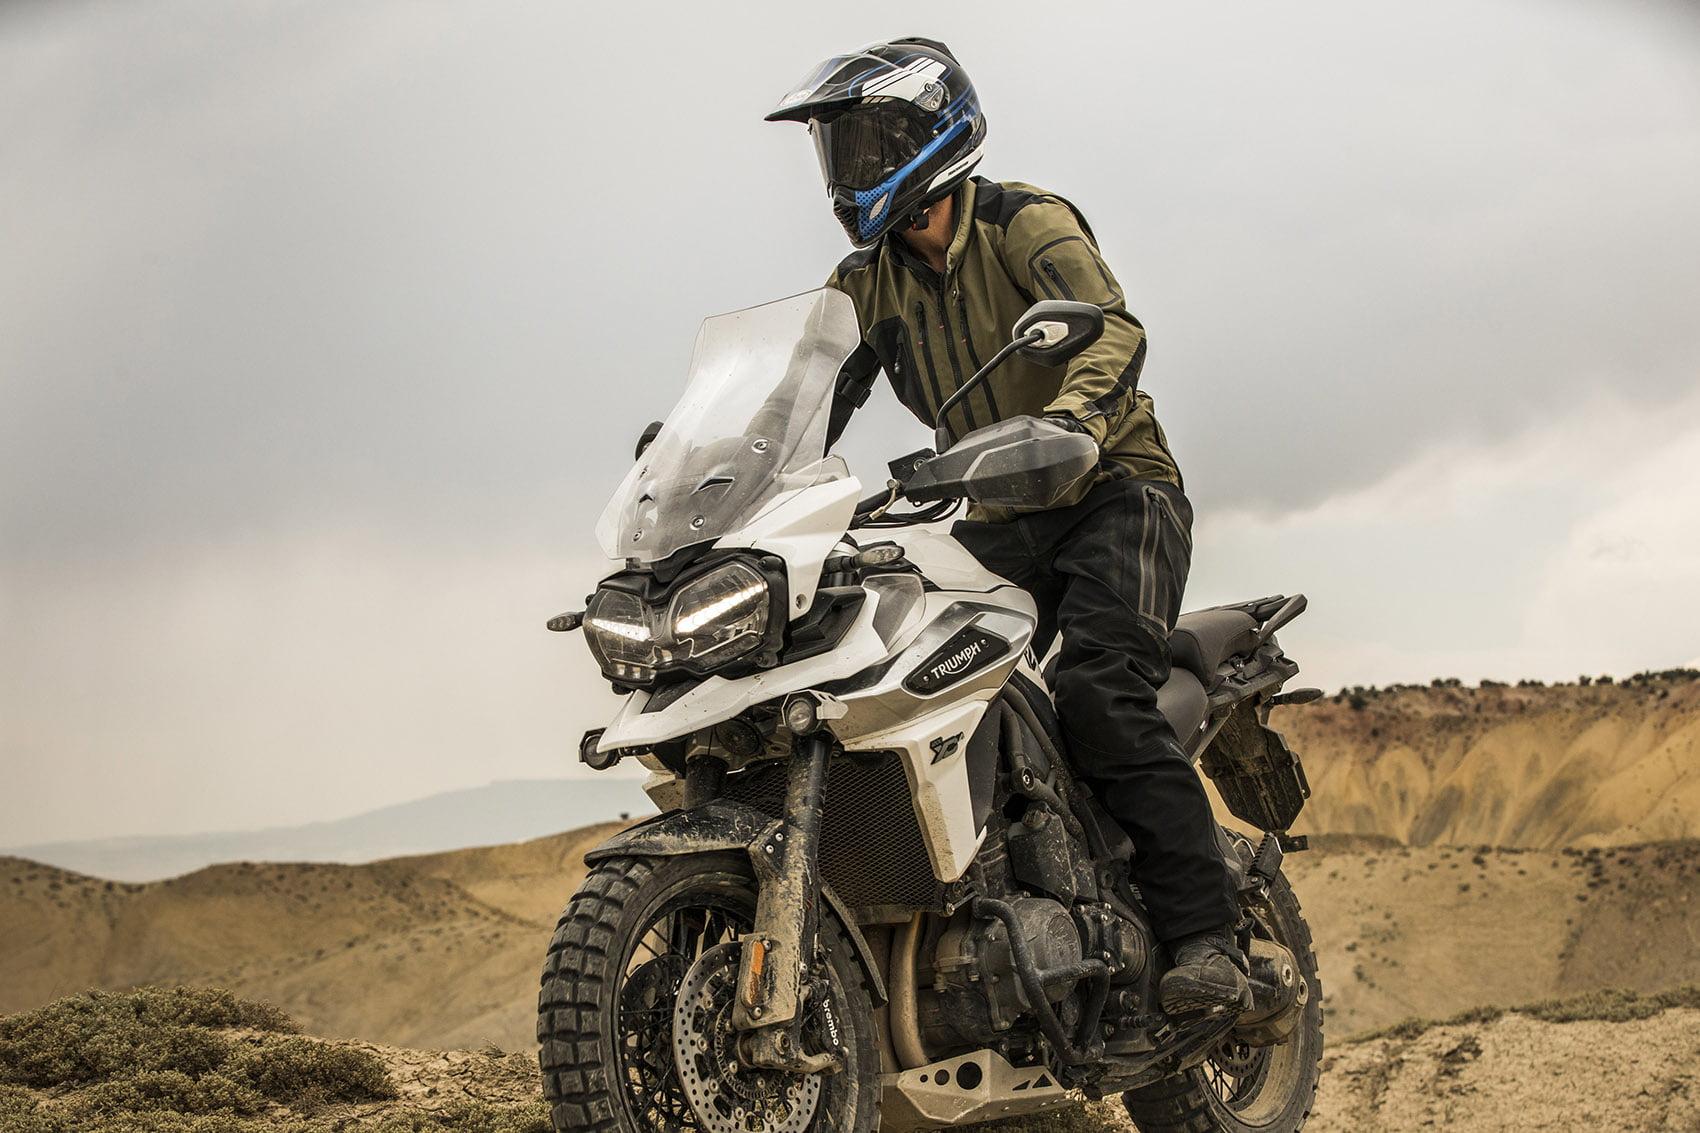 Nový model Tiger 1200 spravil významné pokroky z hľadiska inžinieringu a technologických vylepšení – výsledkom je motocykel s lepšou odozvou, ktorý dokáže skombinovať maximálny zážitok zjazdy na ceste a úplnú…